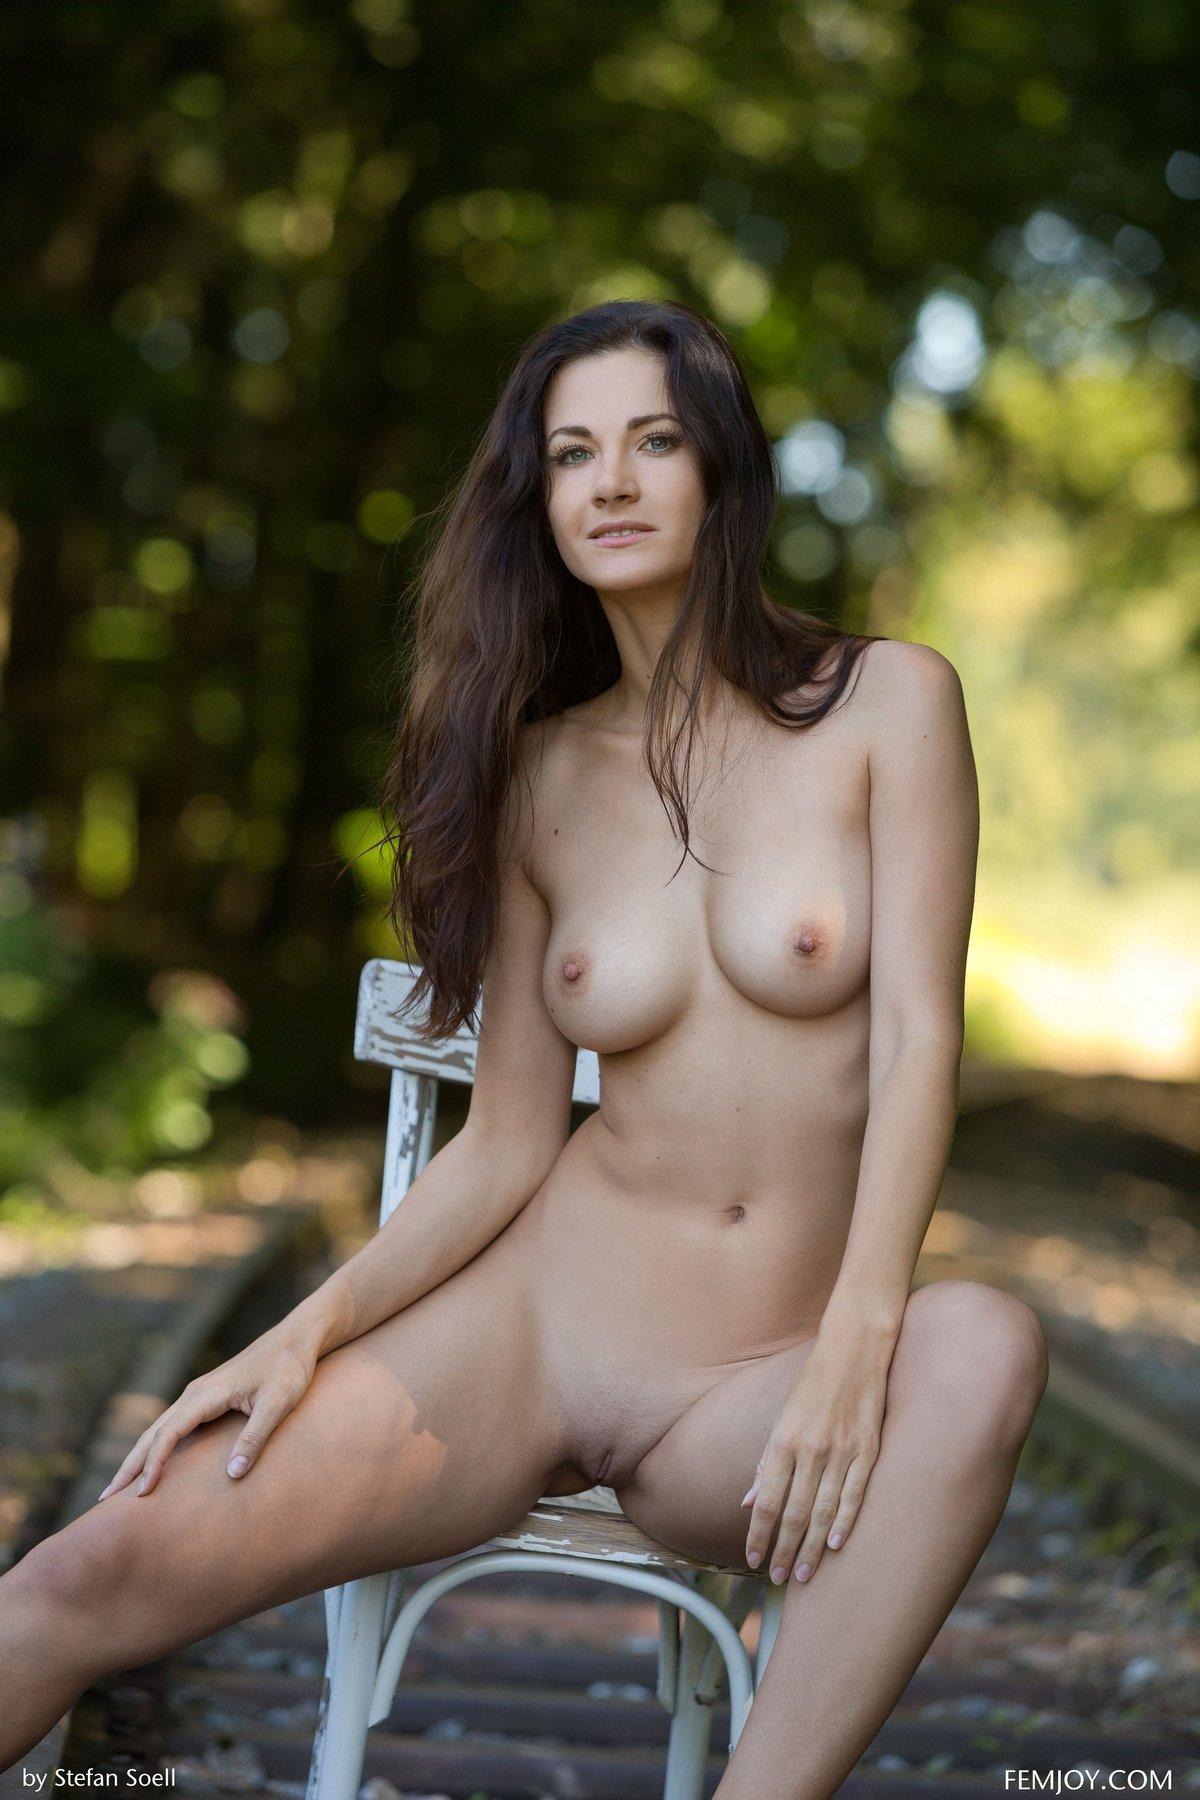 Соблазнительная голая брюнетка на рельсах